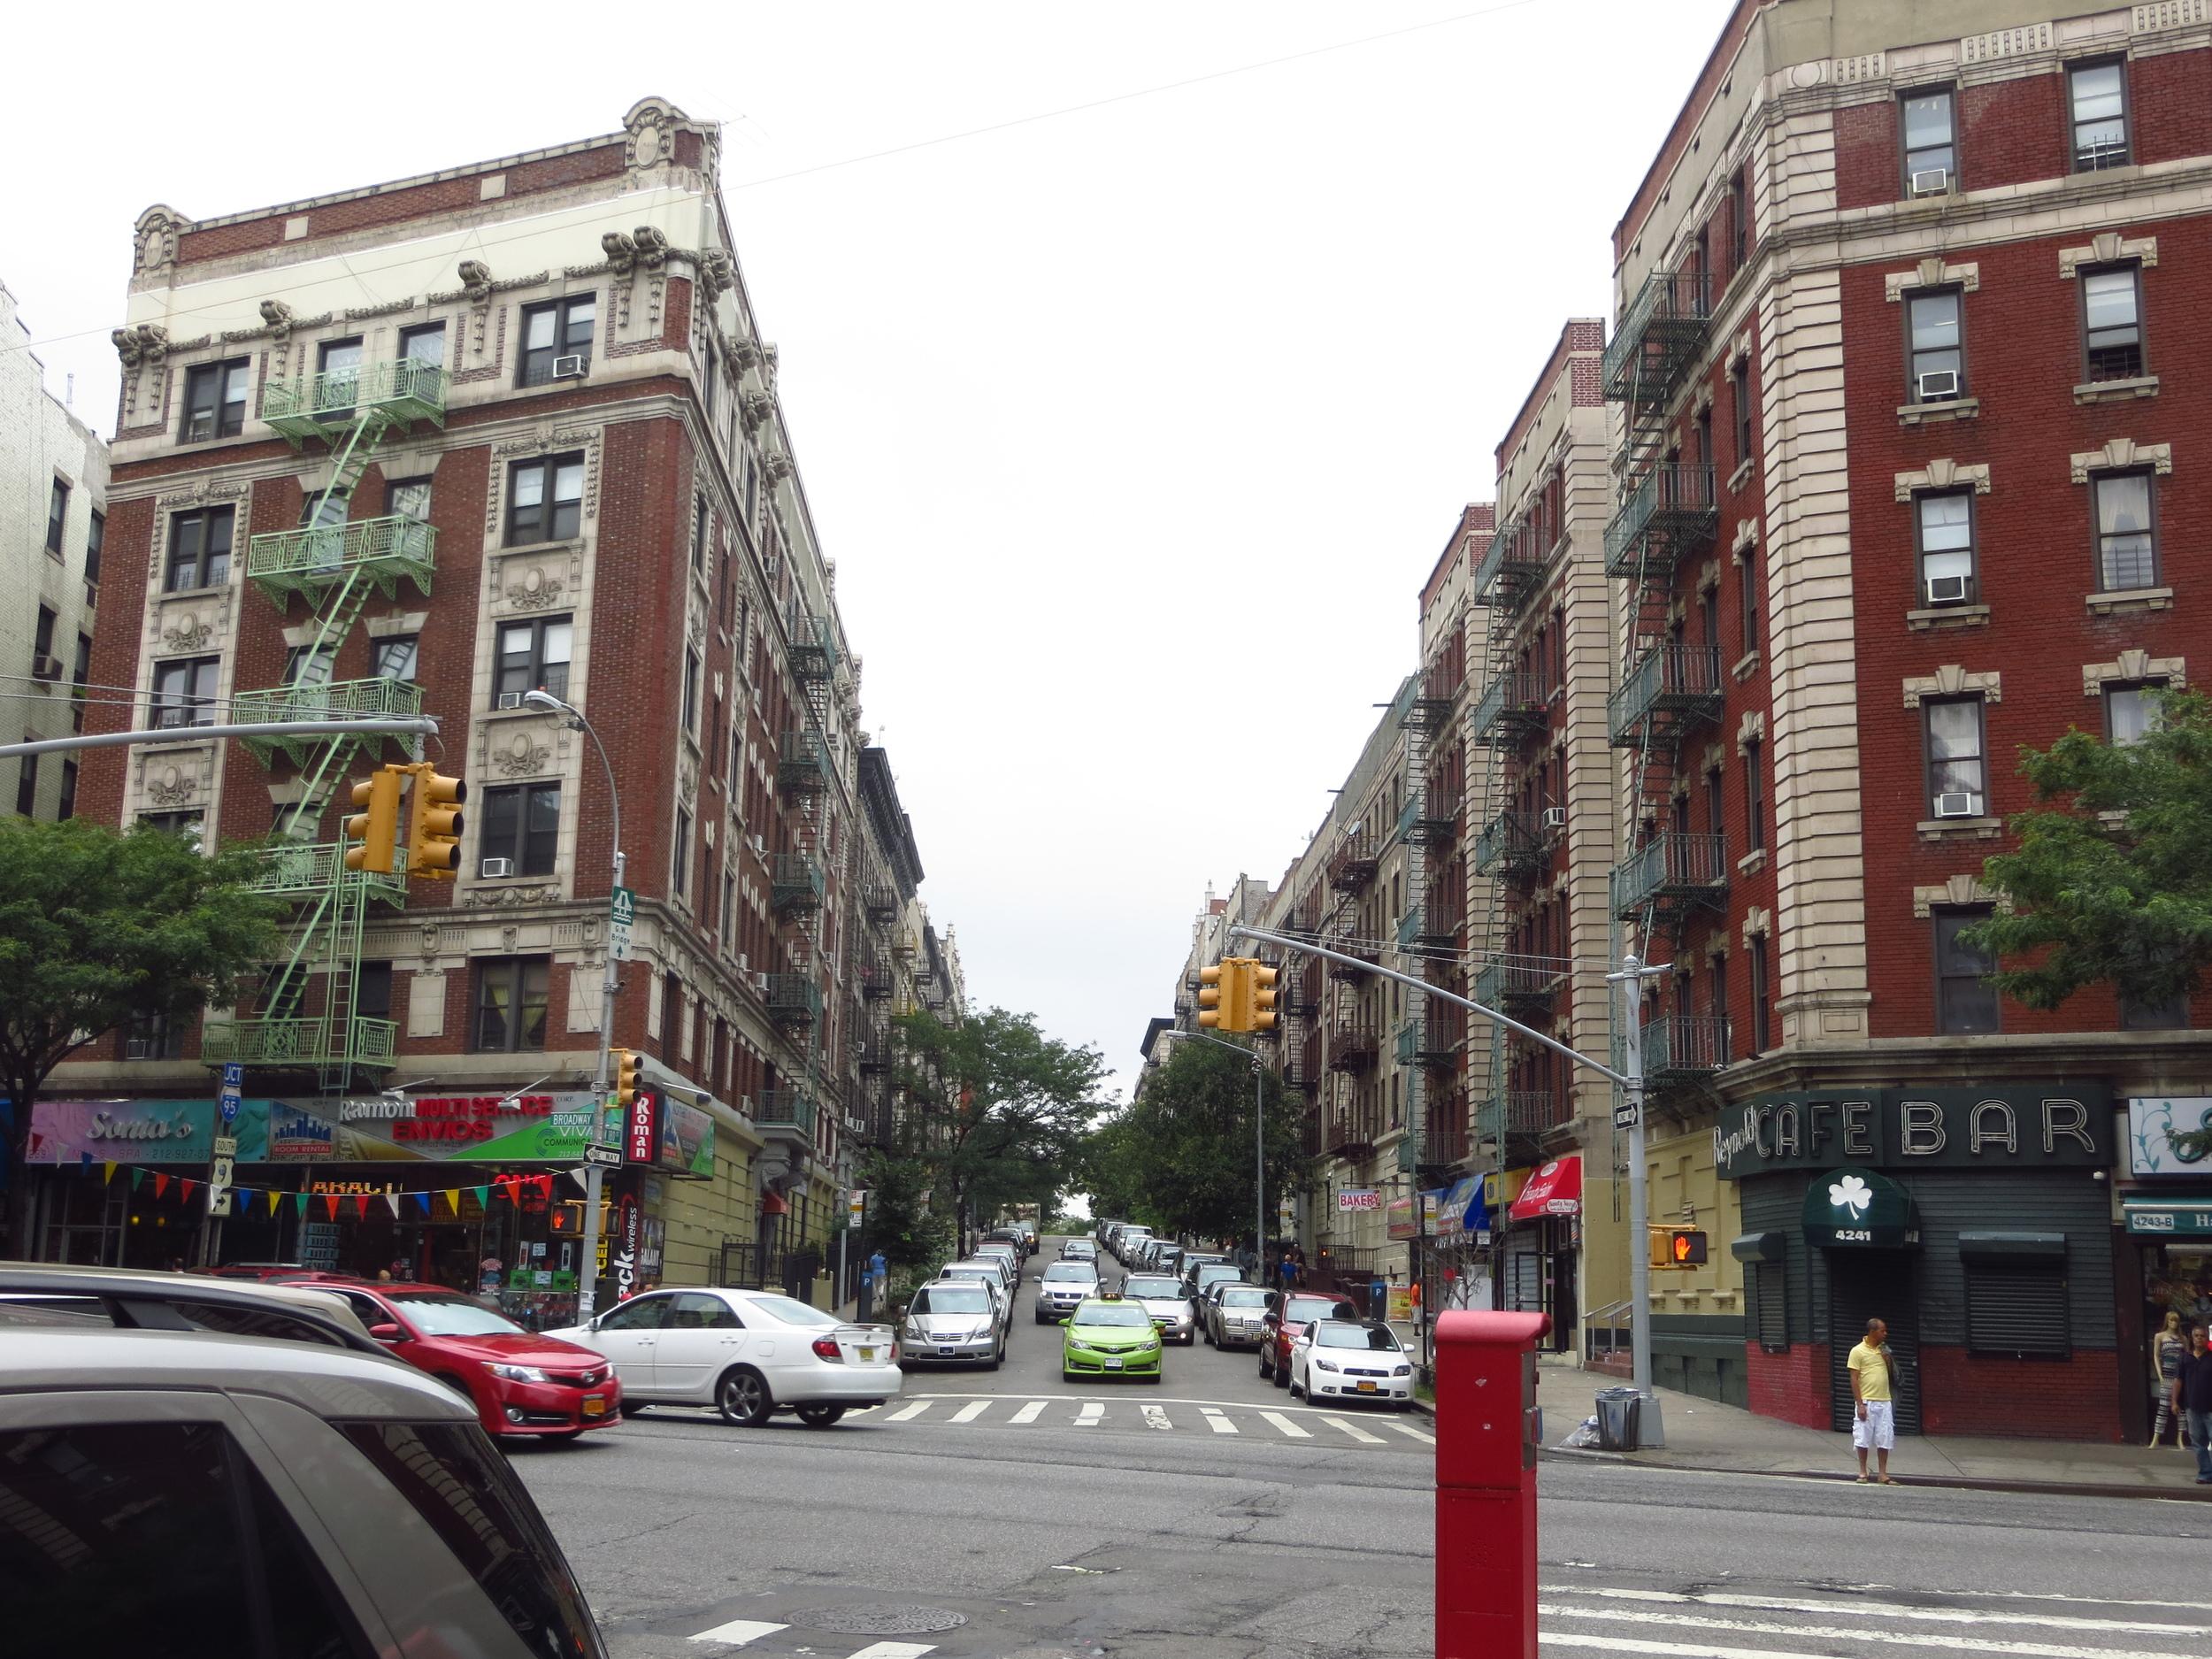 W 180th St.